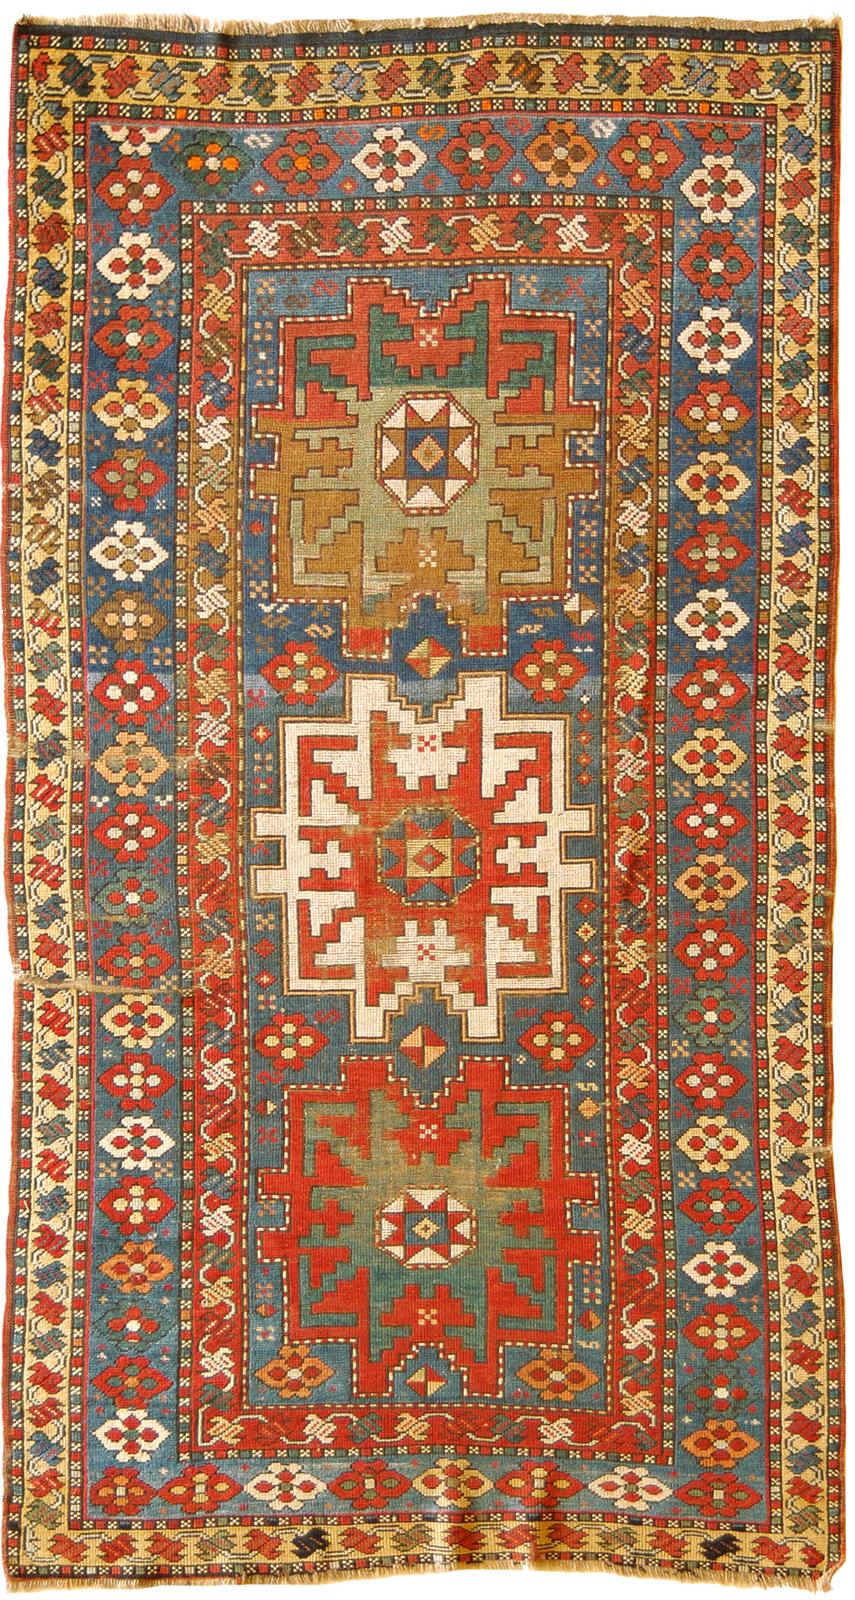 Antique Carpets From Caucasus Regions